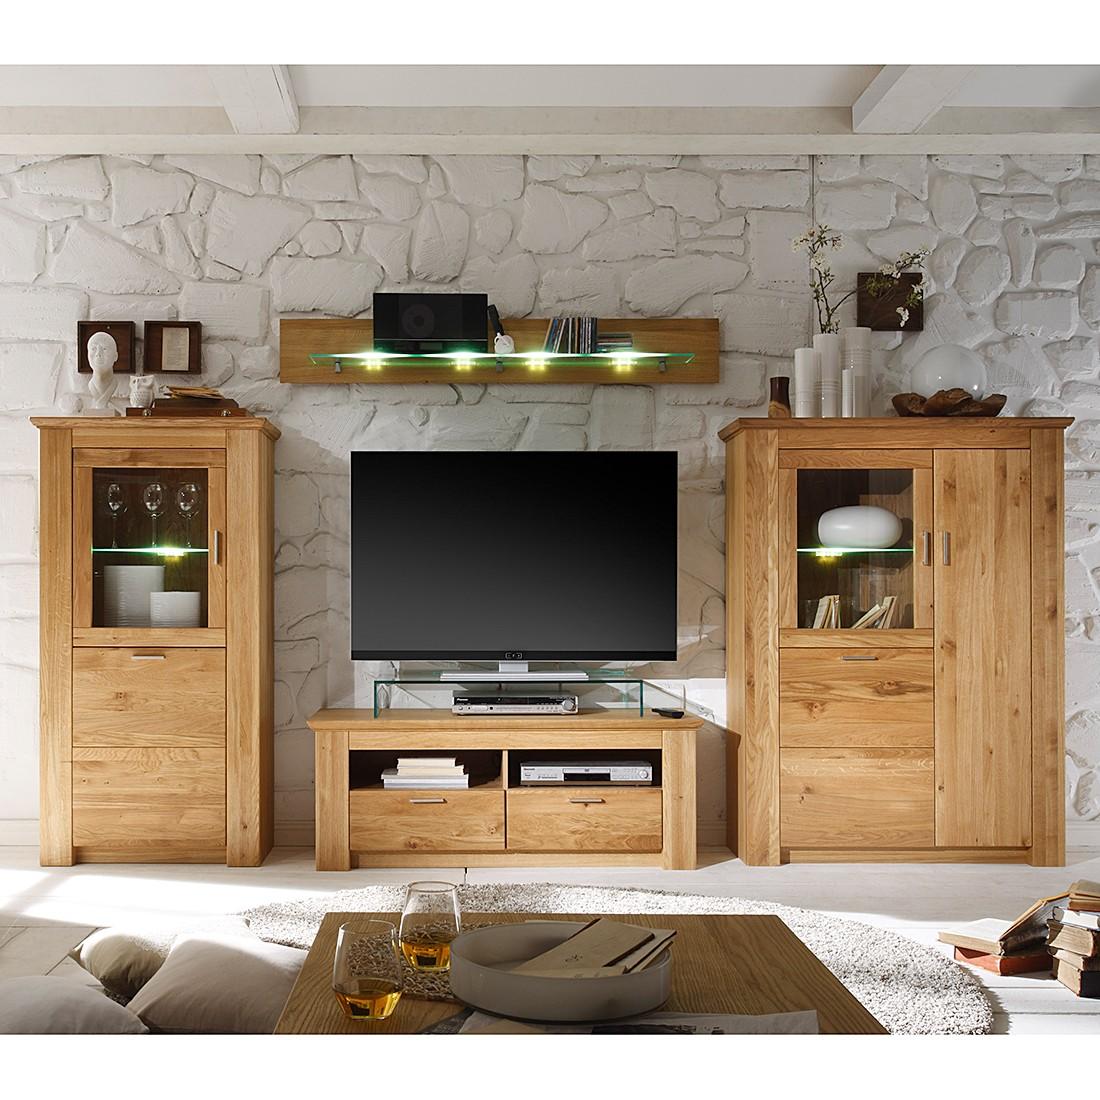 wohnwand cleveland i 4 teilig wildeiche teilmassiv ohne beleuchtung kerkhoff g nstig kaufen. Black Bedroom Furniture Sets. Home Design Ideas